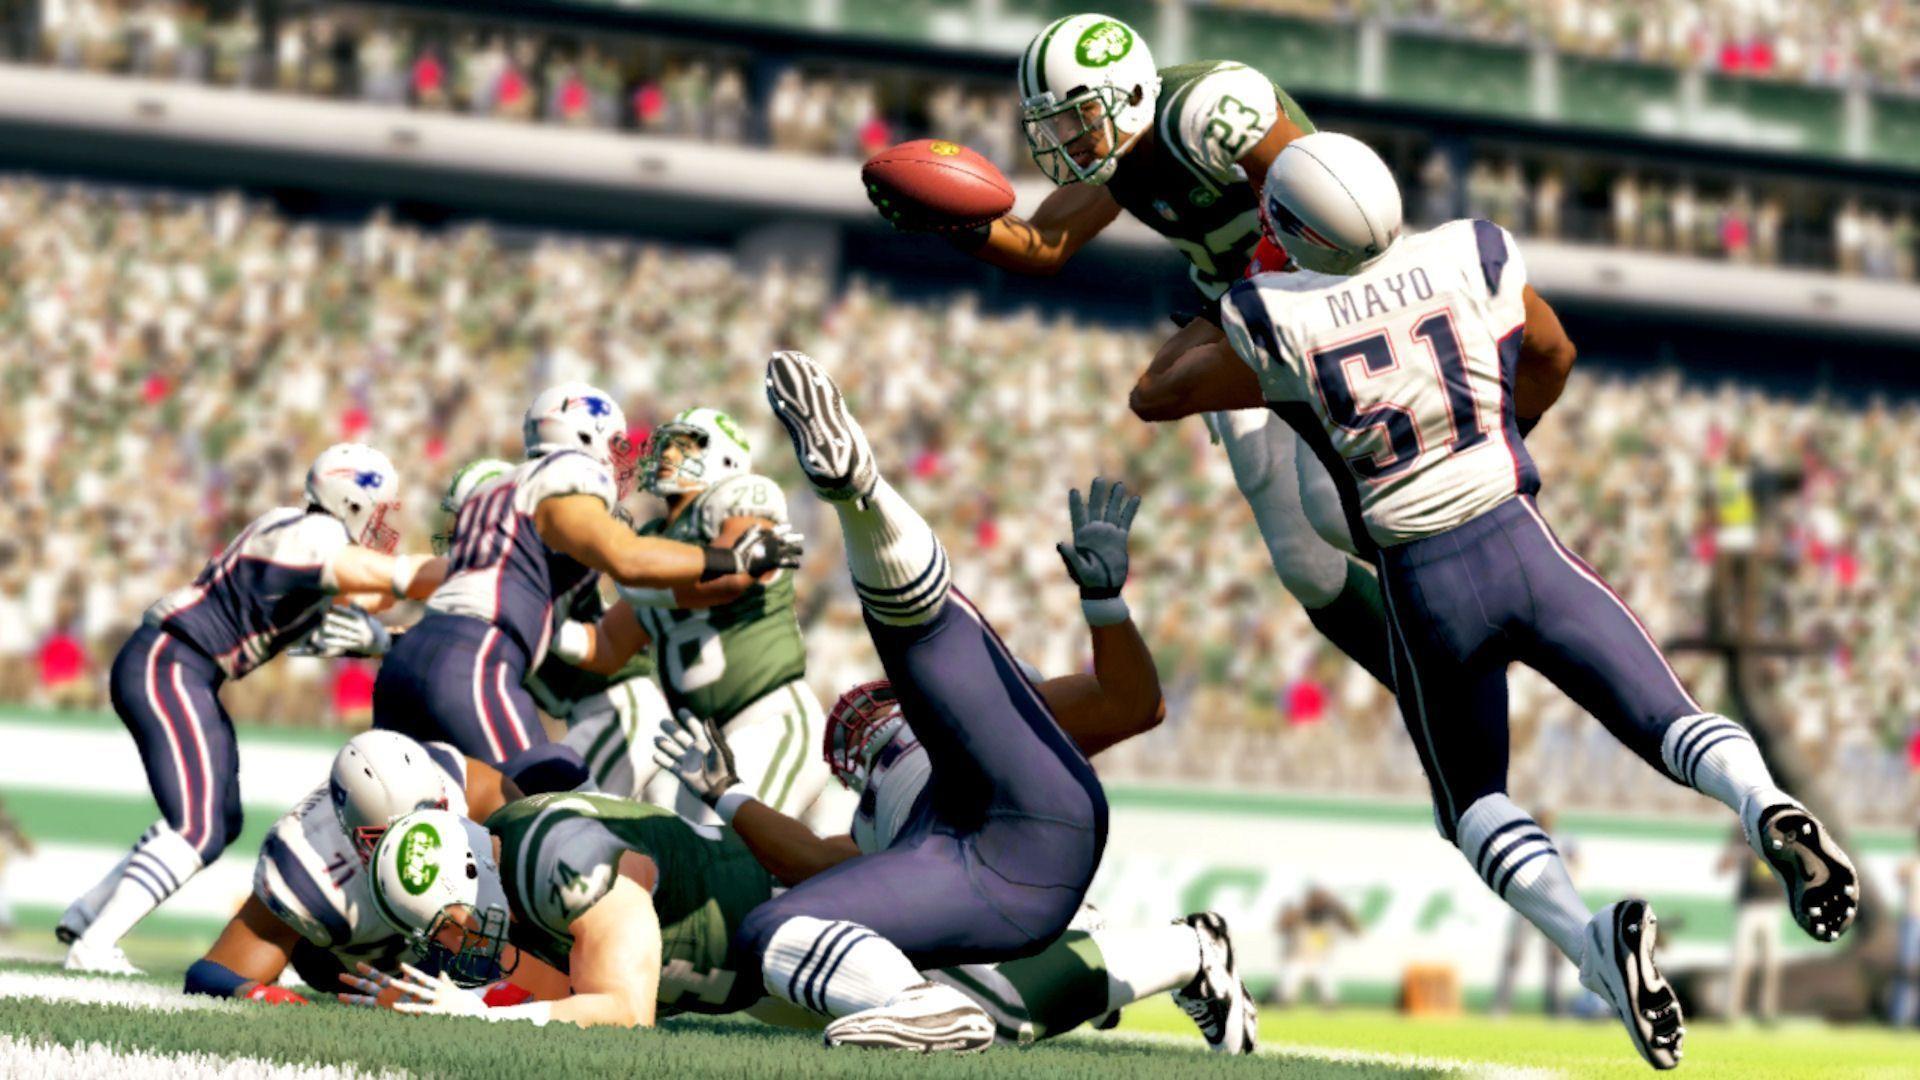 NFL Wallpaper 1080p